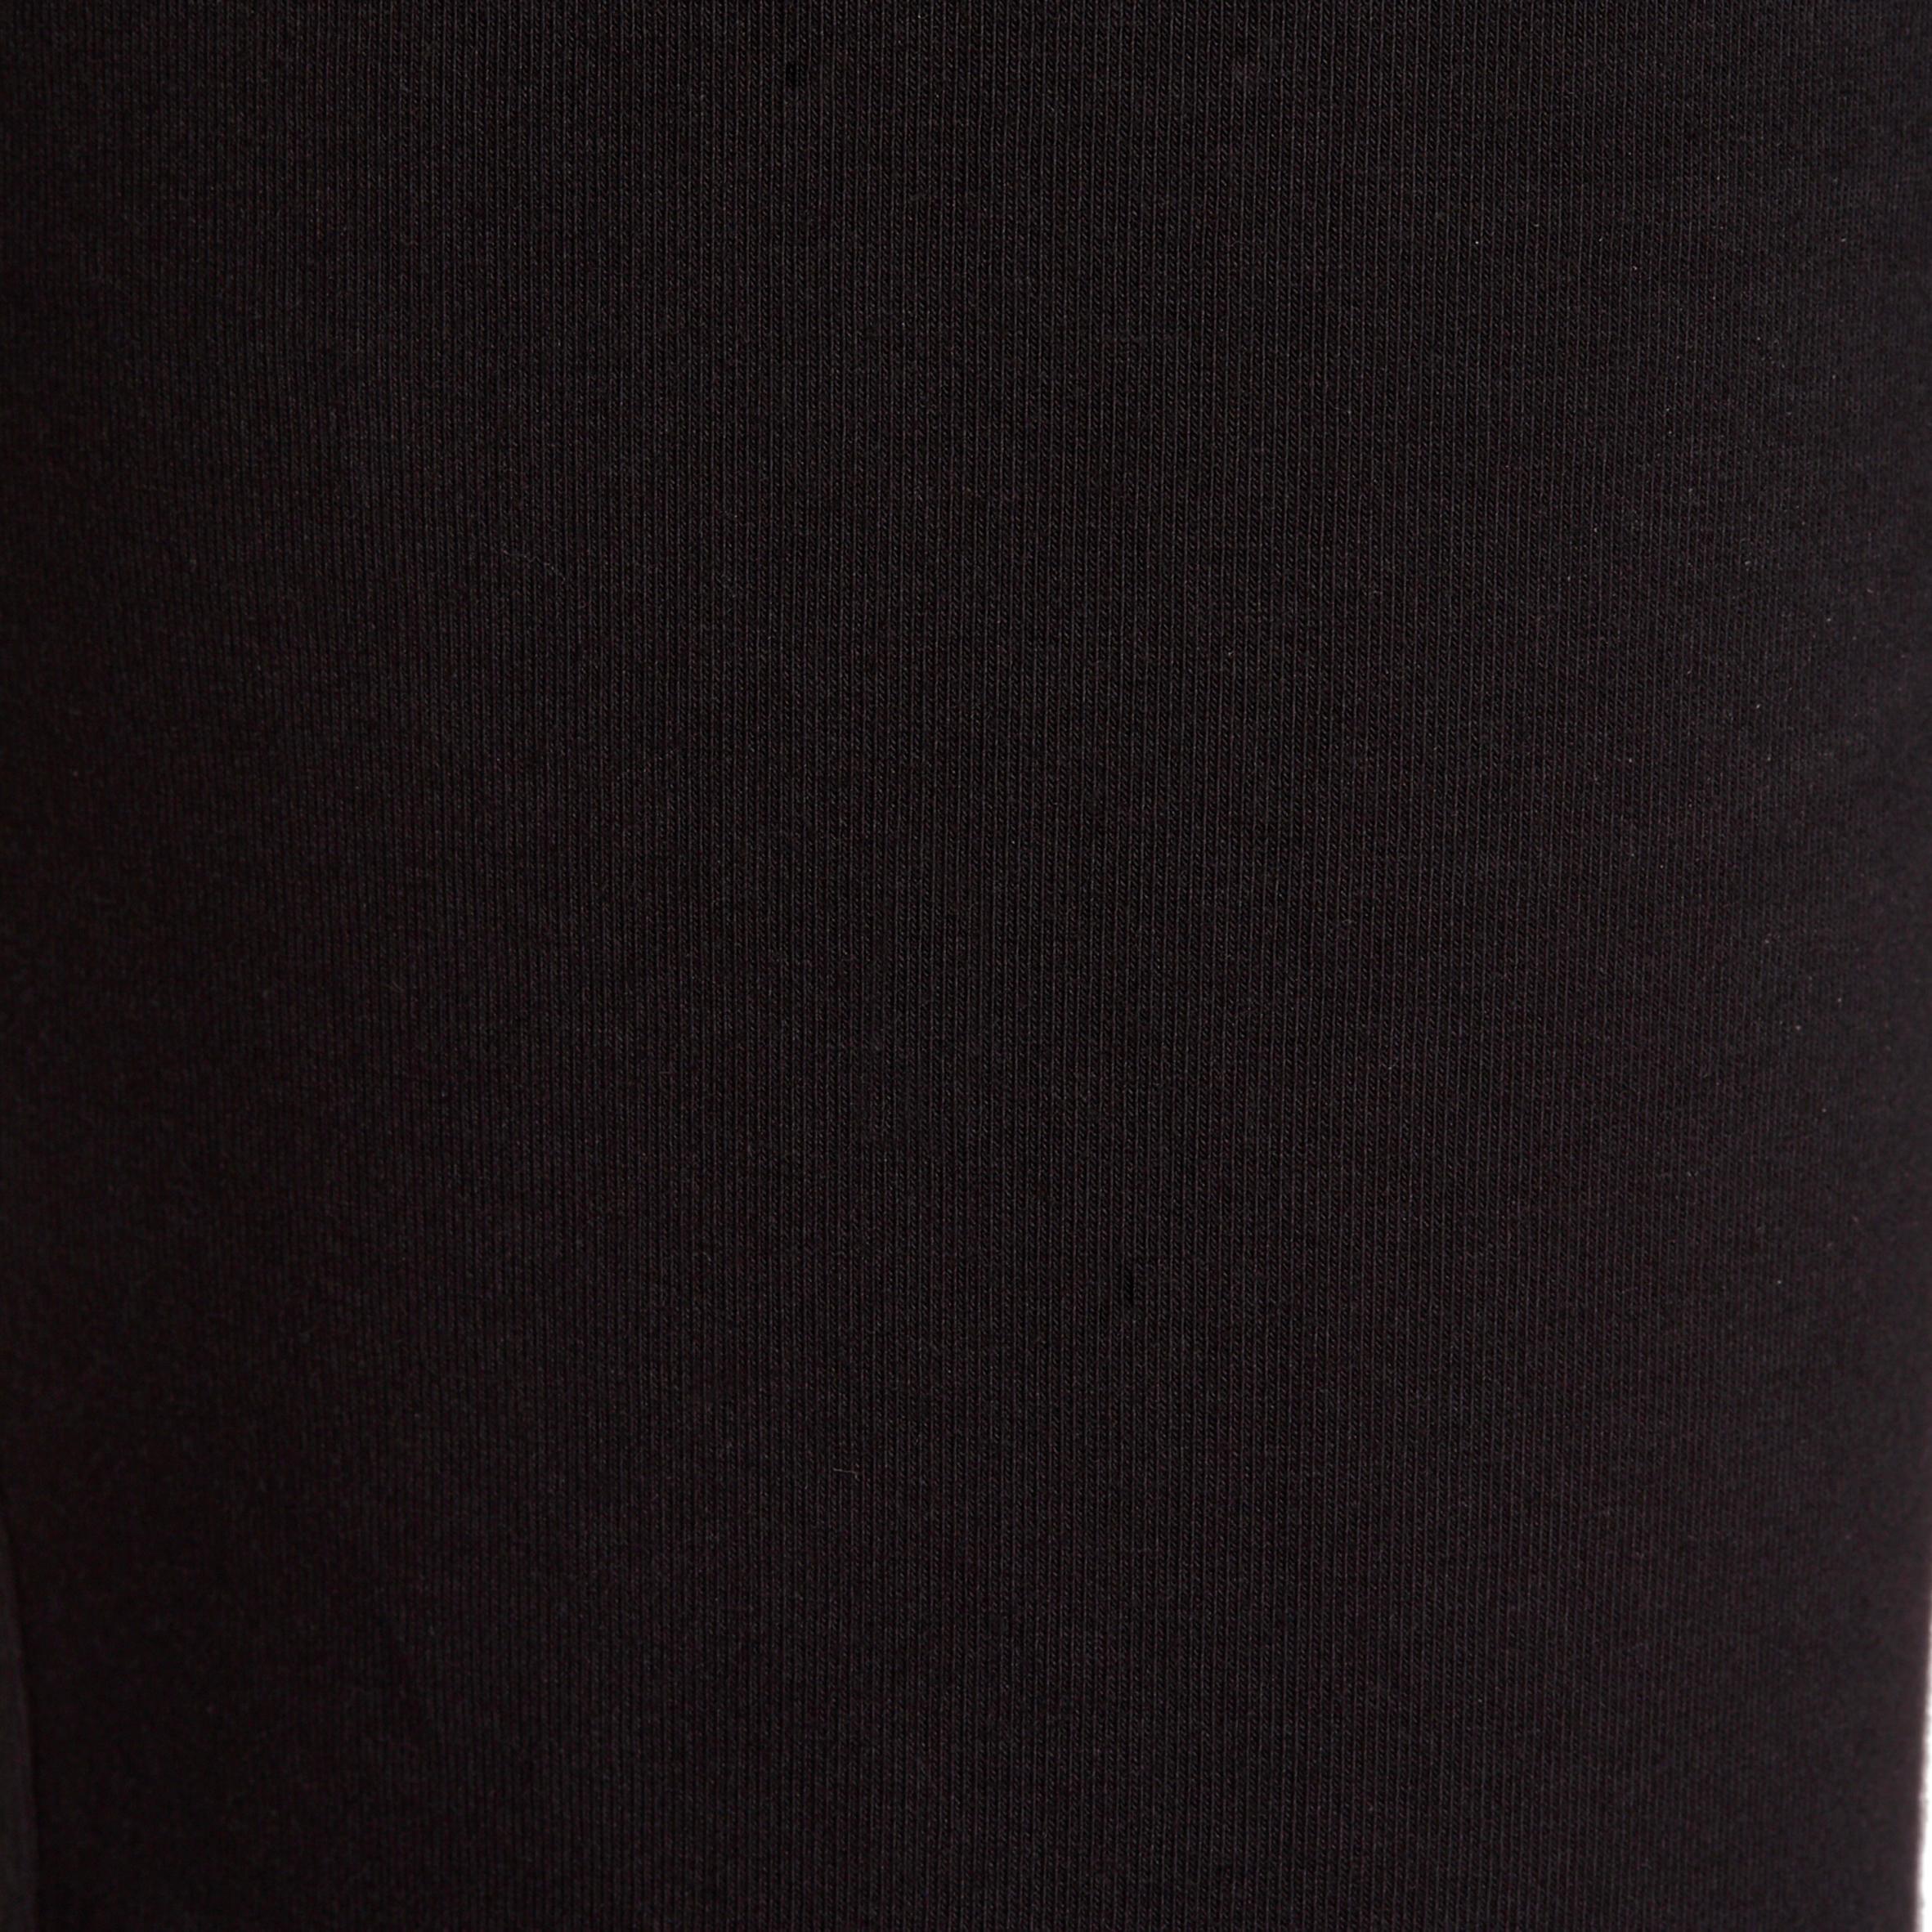 Pantalon 500 régulier Gym et Pilates femme noir FORME+